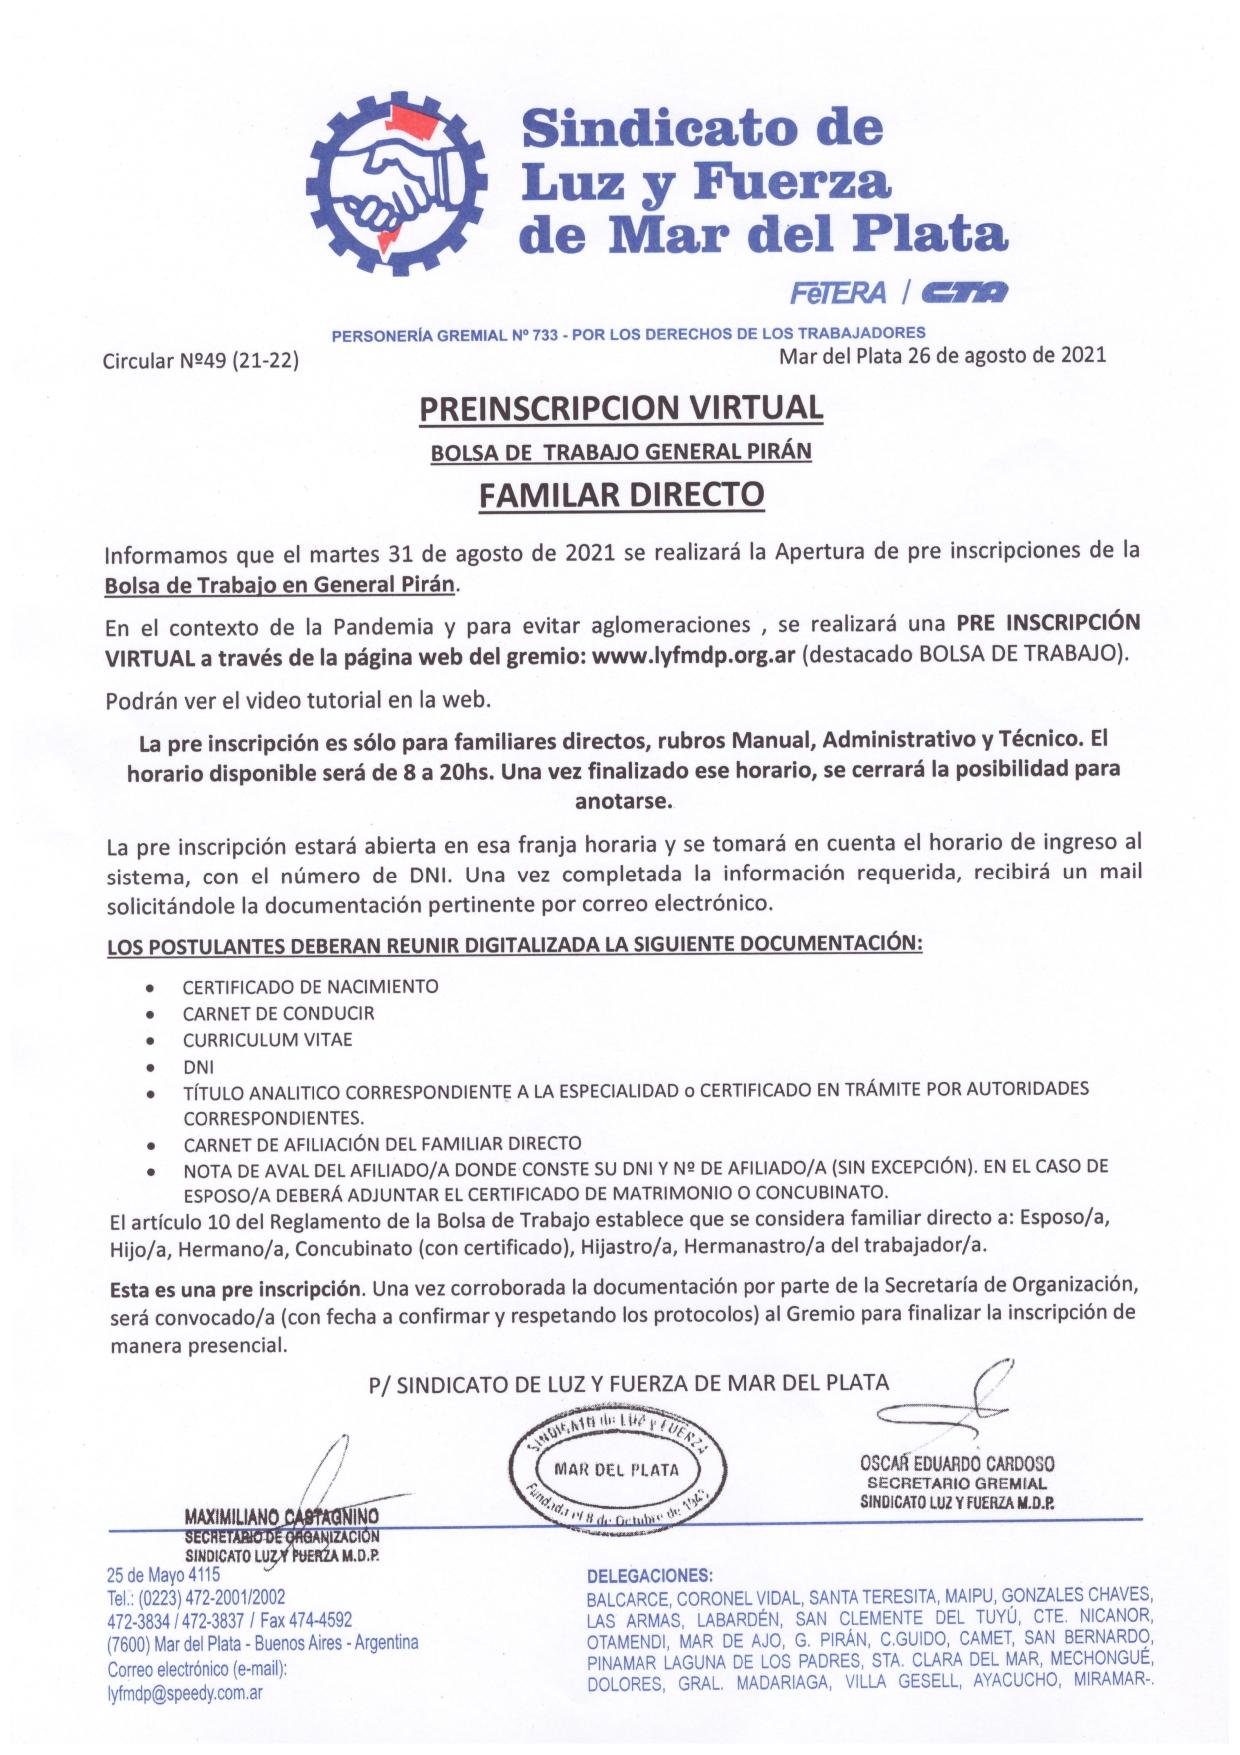 PRE INSCRIPCION VIRTUAL EN LA BOLSA DE TRABAJO GENERAL PIRÁN PARA FAMILAR DIRECTO